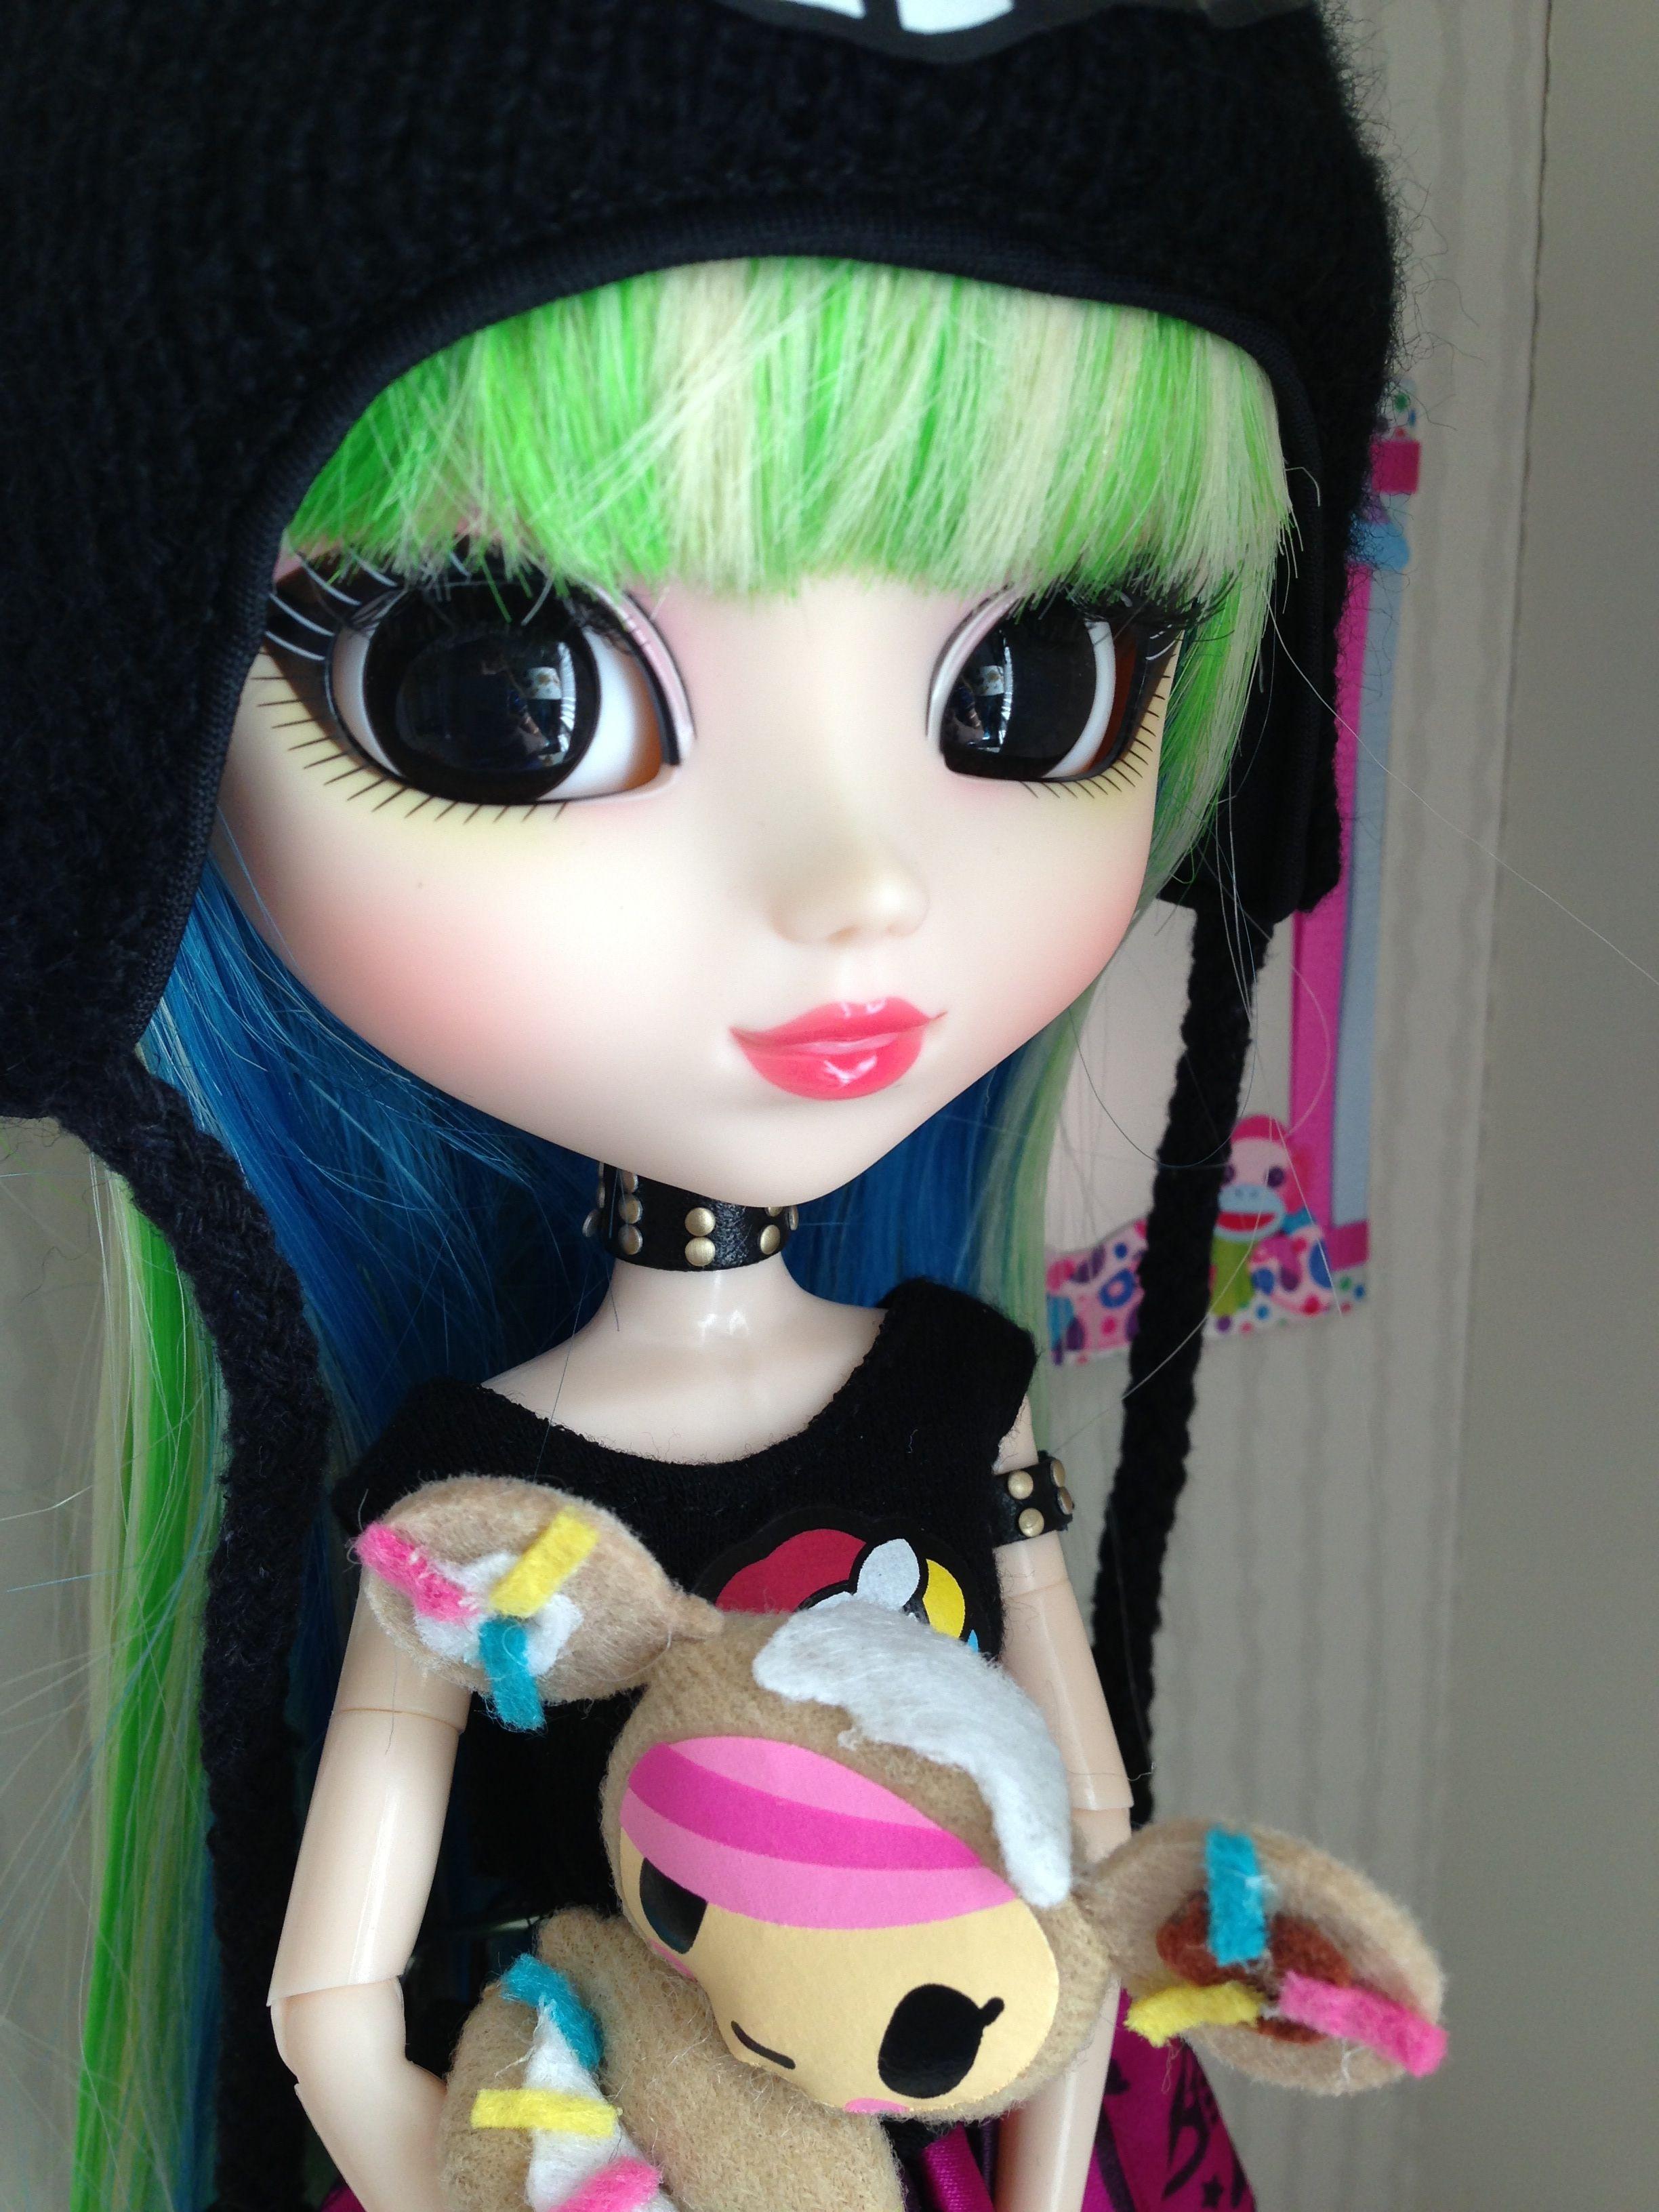 My tokidoki Pullip doll!